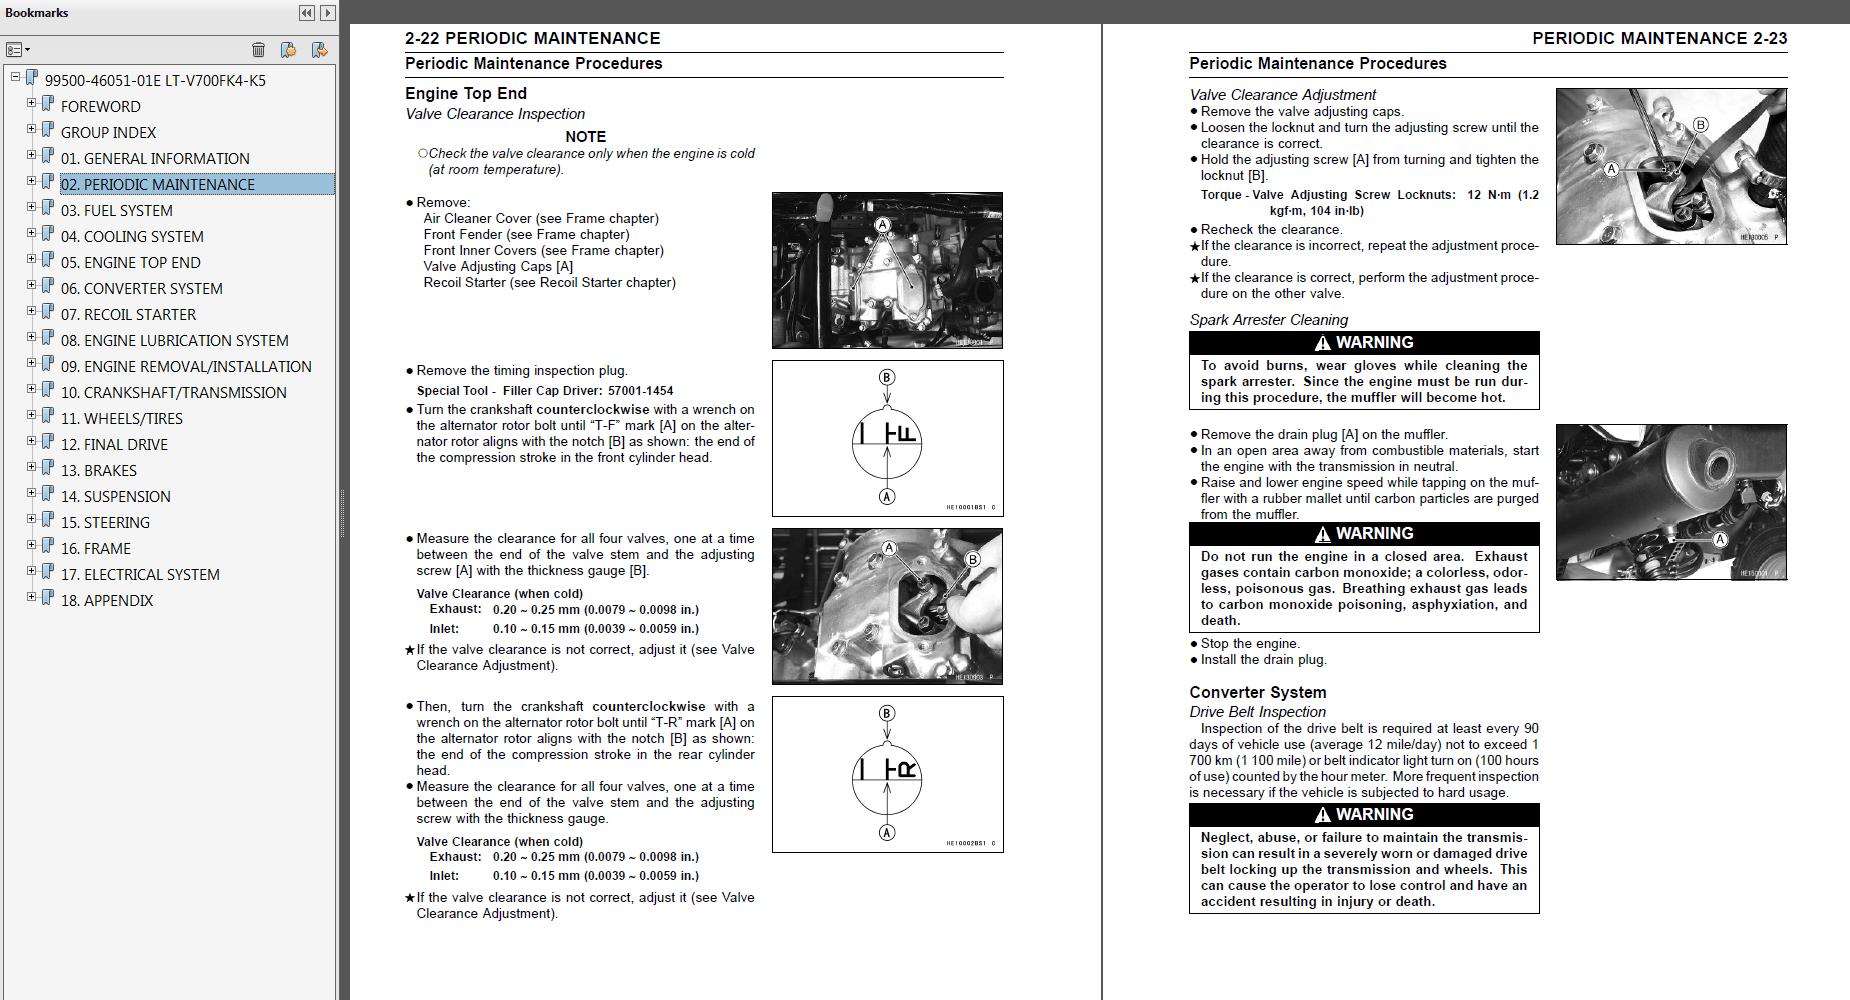 1997 suzuki lt50 parts diagram three phase converter wiring index of postpic 2015 07 quadrunner engine schematic get free image